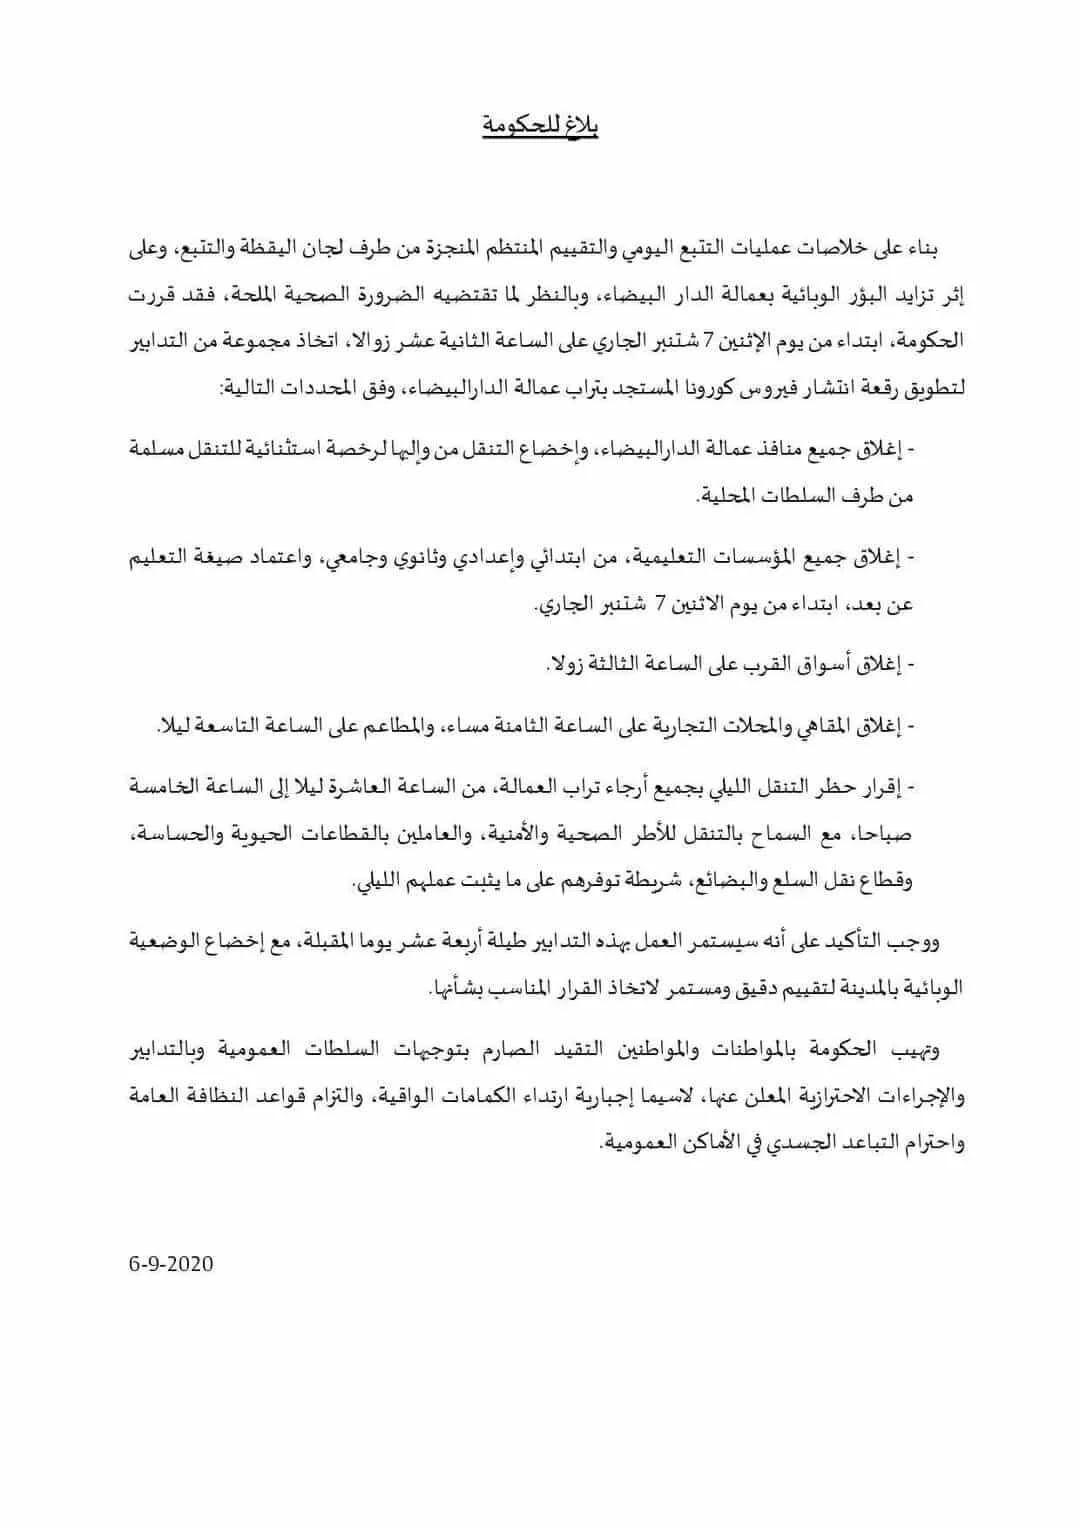 جامعة الحسن الثاني بالدار البيضاء : تأجيل امتحانات الدورة الربيعية برسم السنة الجامعية 2019-2020